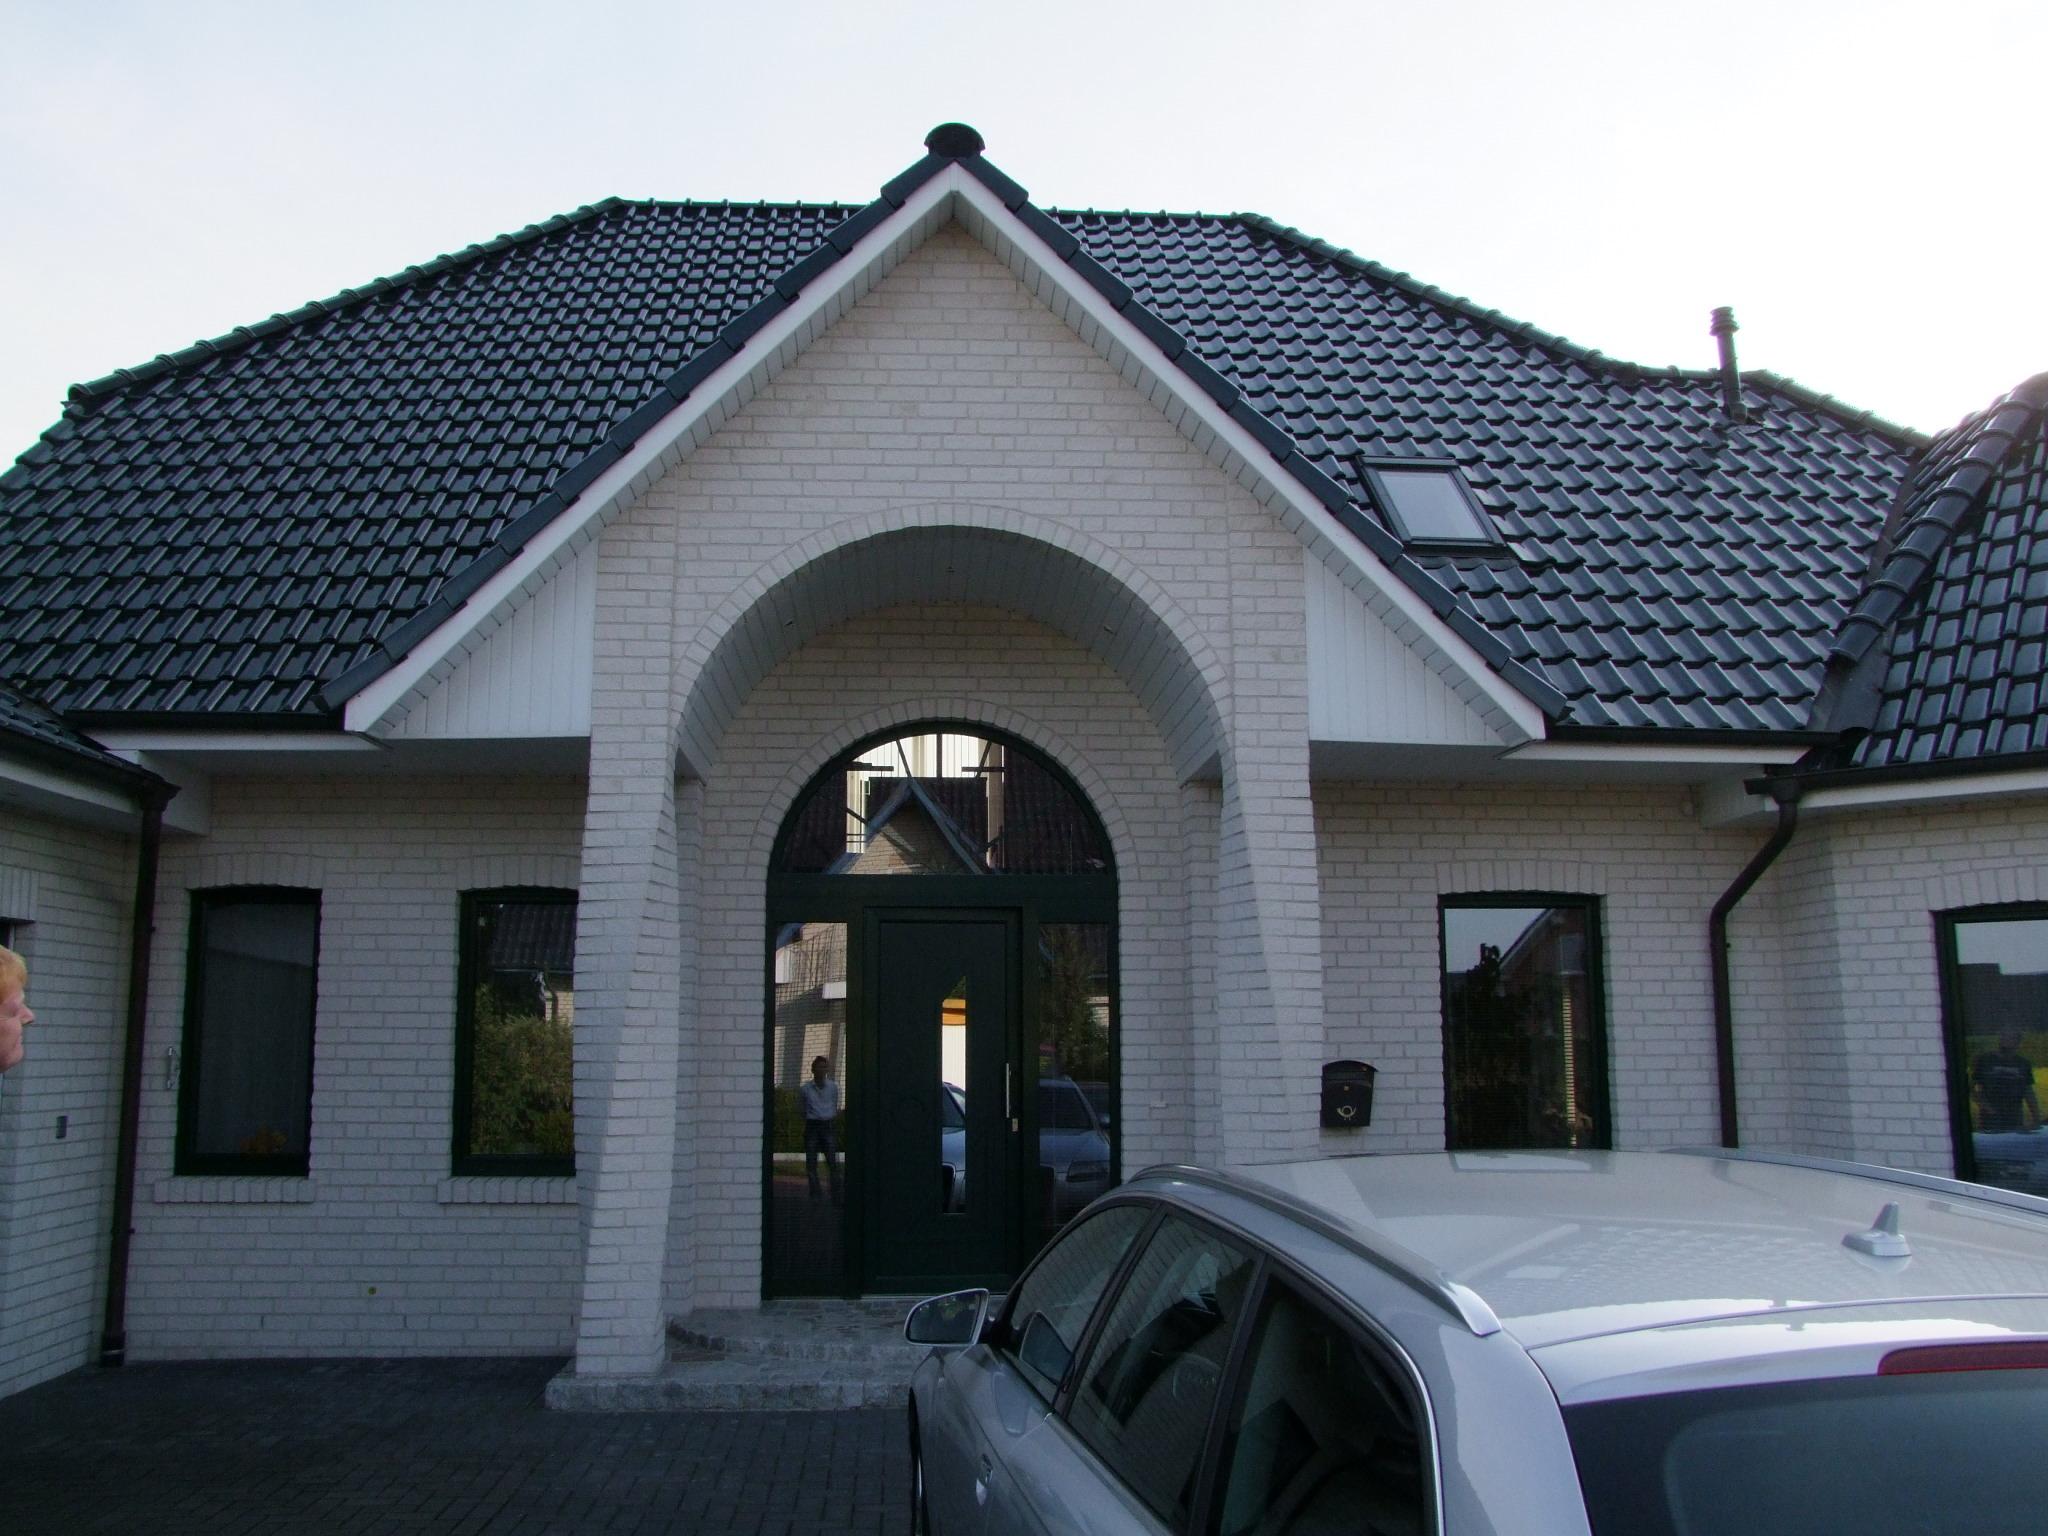 Wir bieten Hauskaufberatung...kompetent und preiswert!